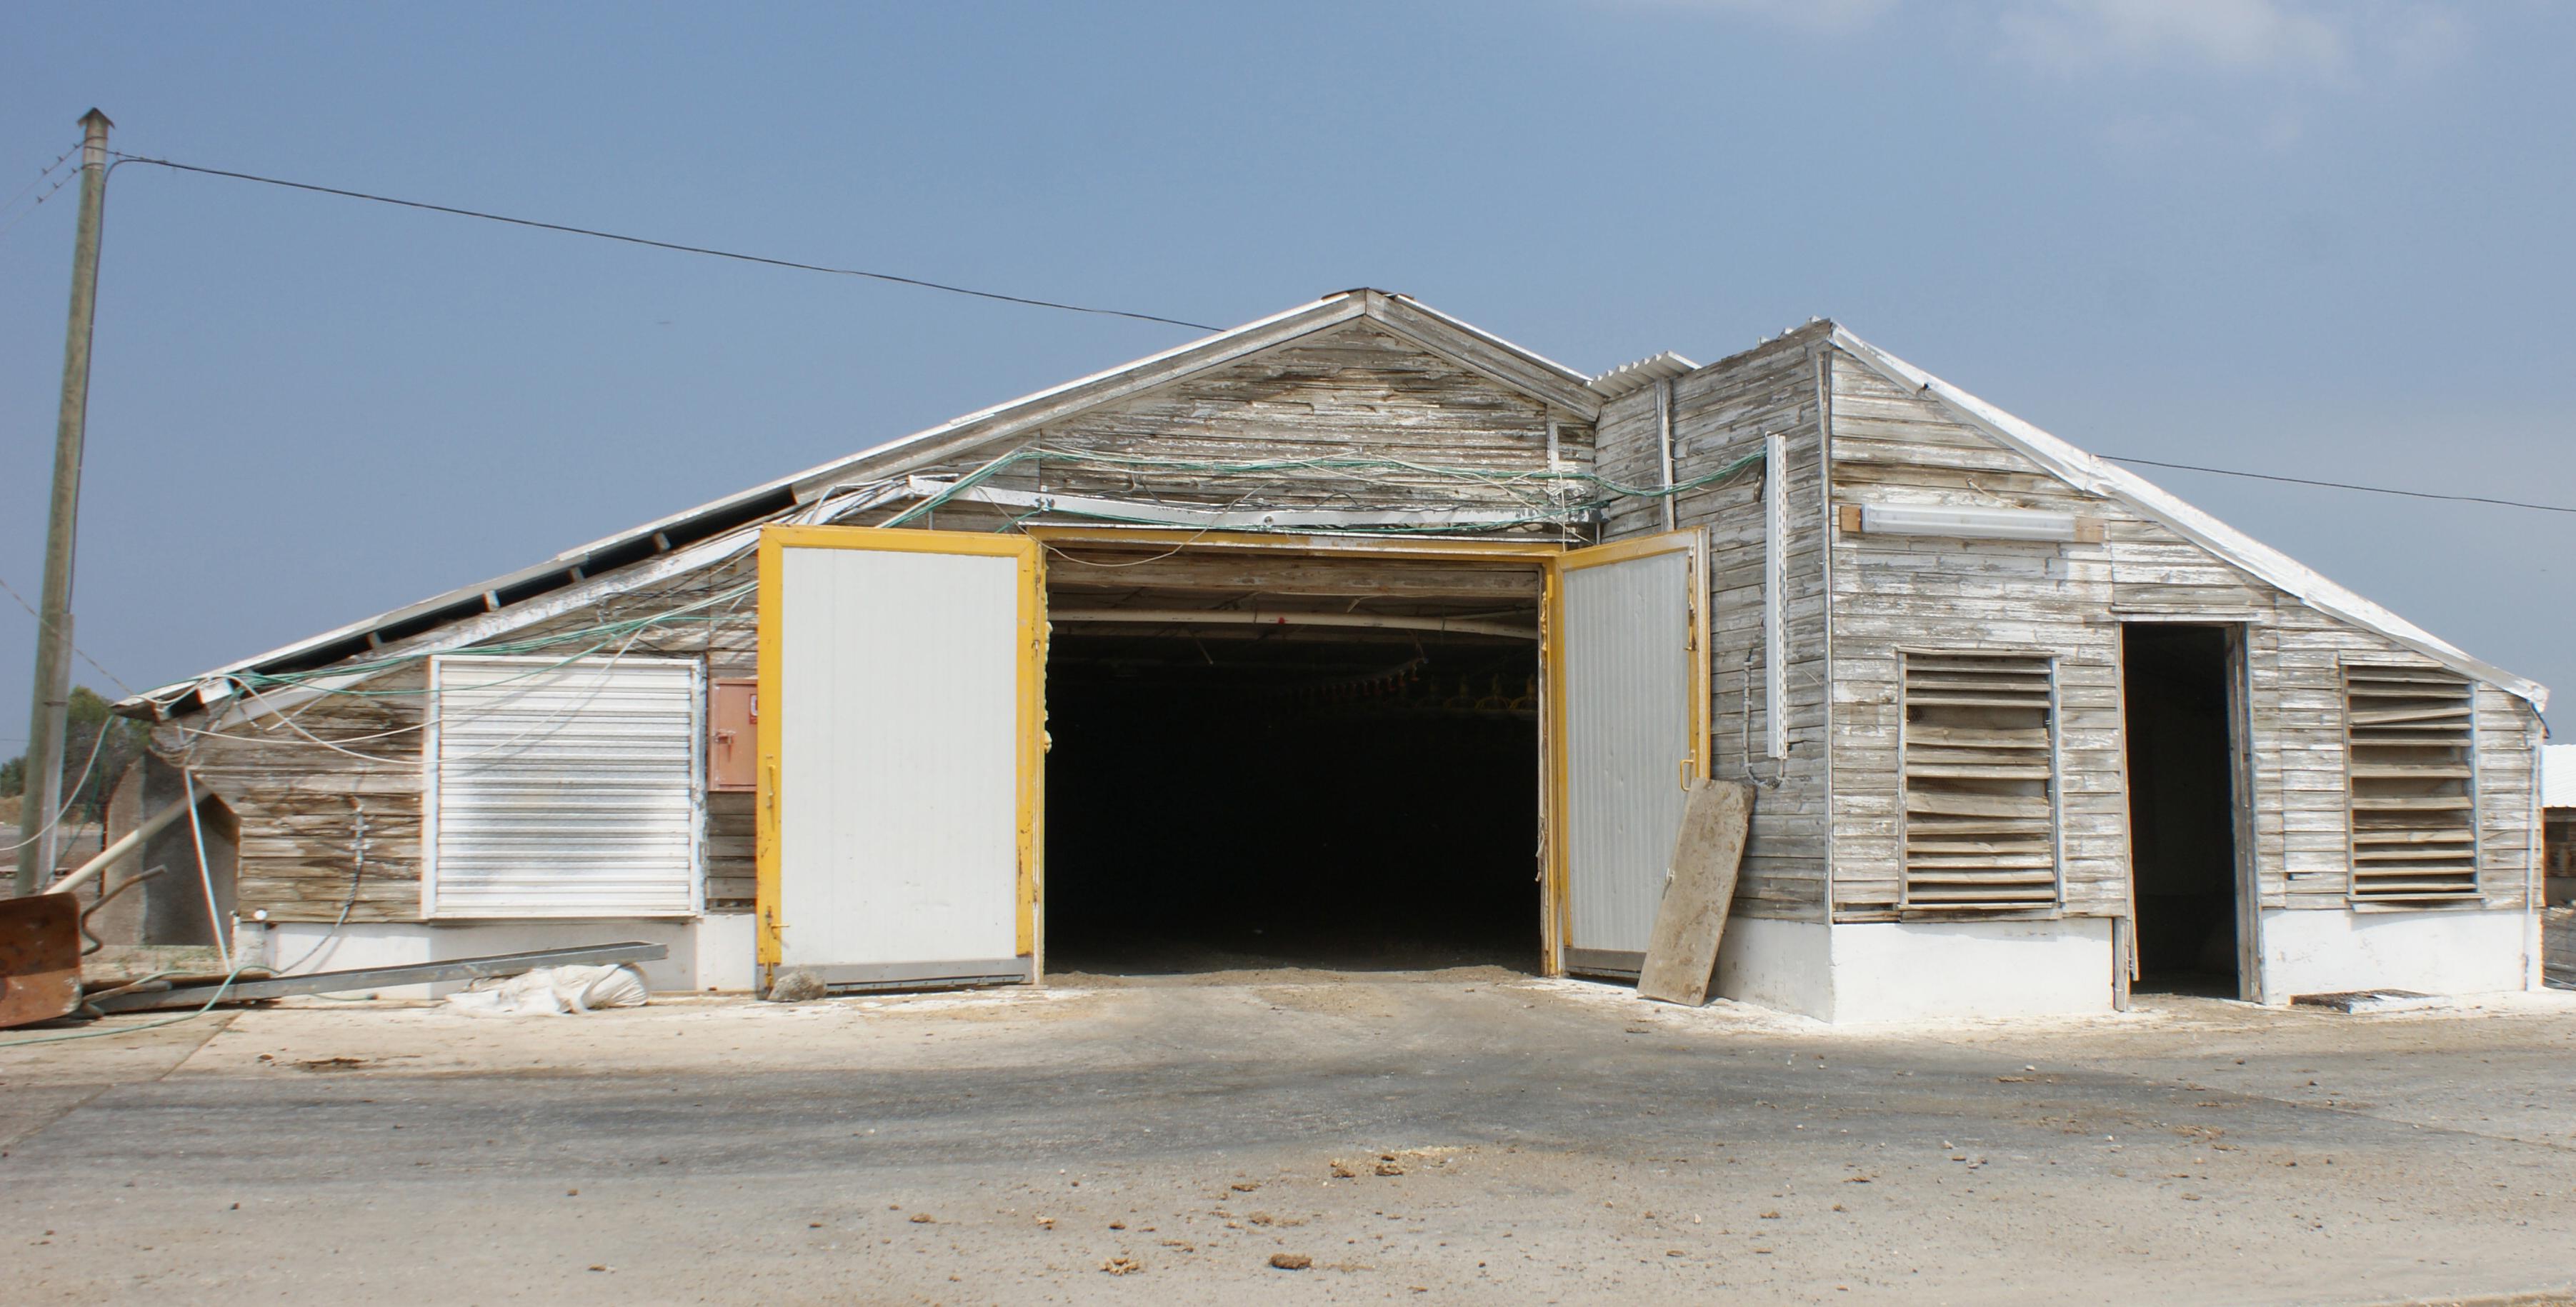 לול 3 הוקם בשנת 1974